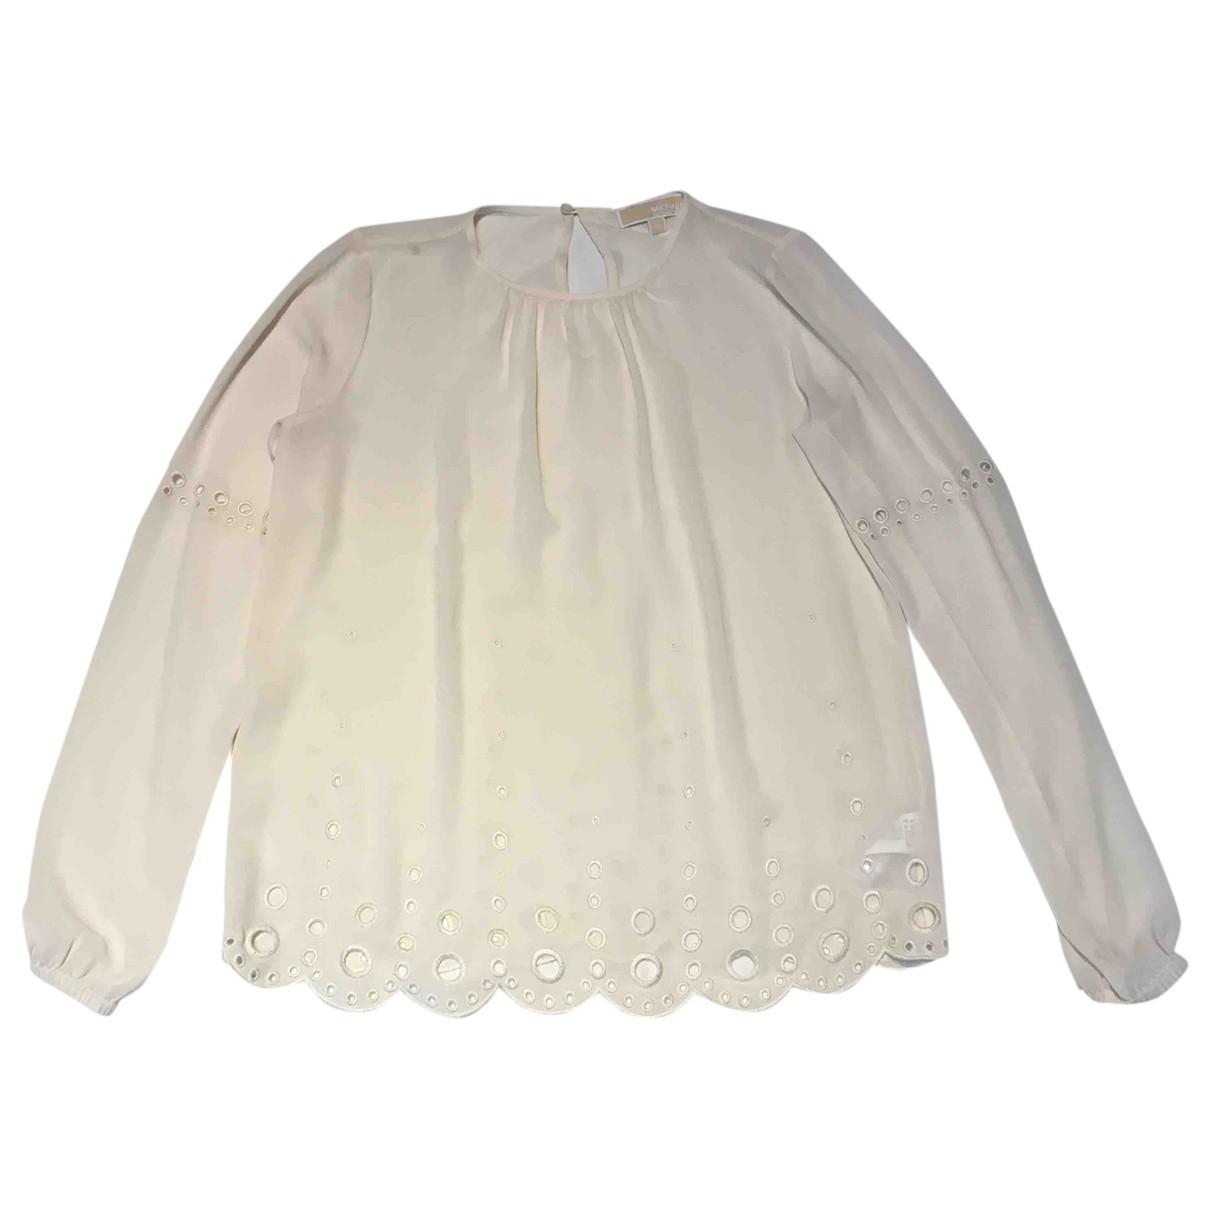 Michael Kors - Top   pour femme - beige